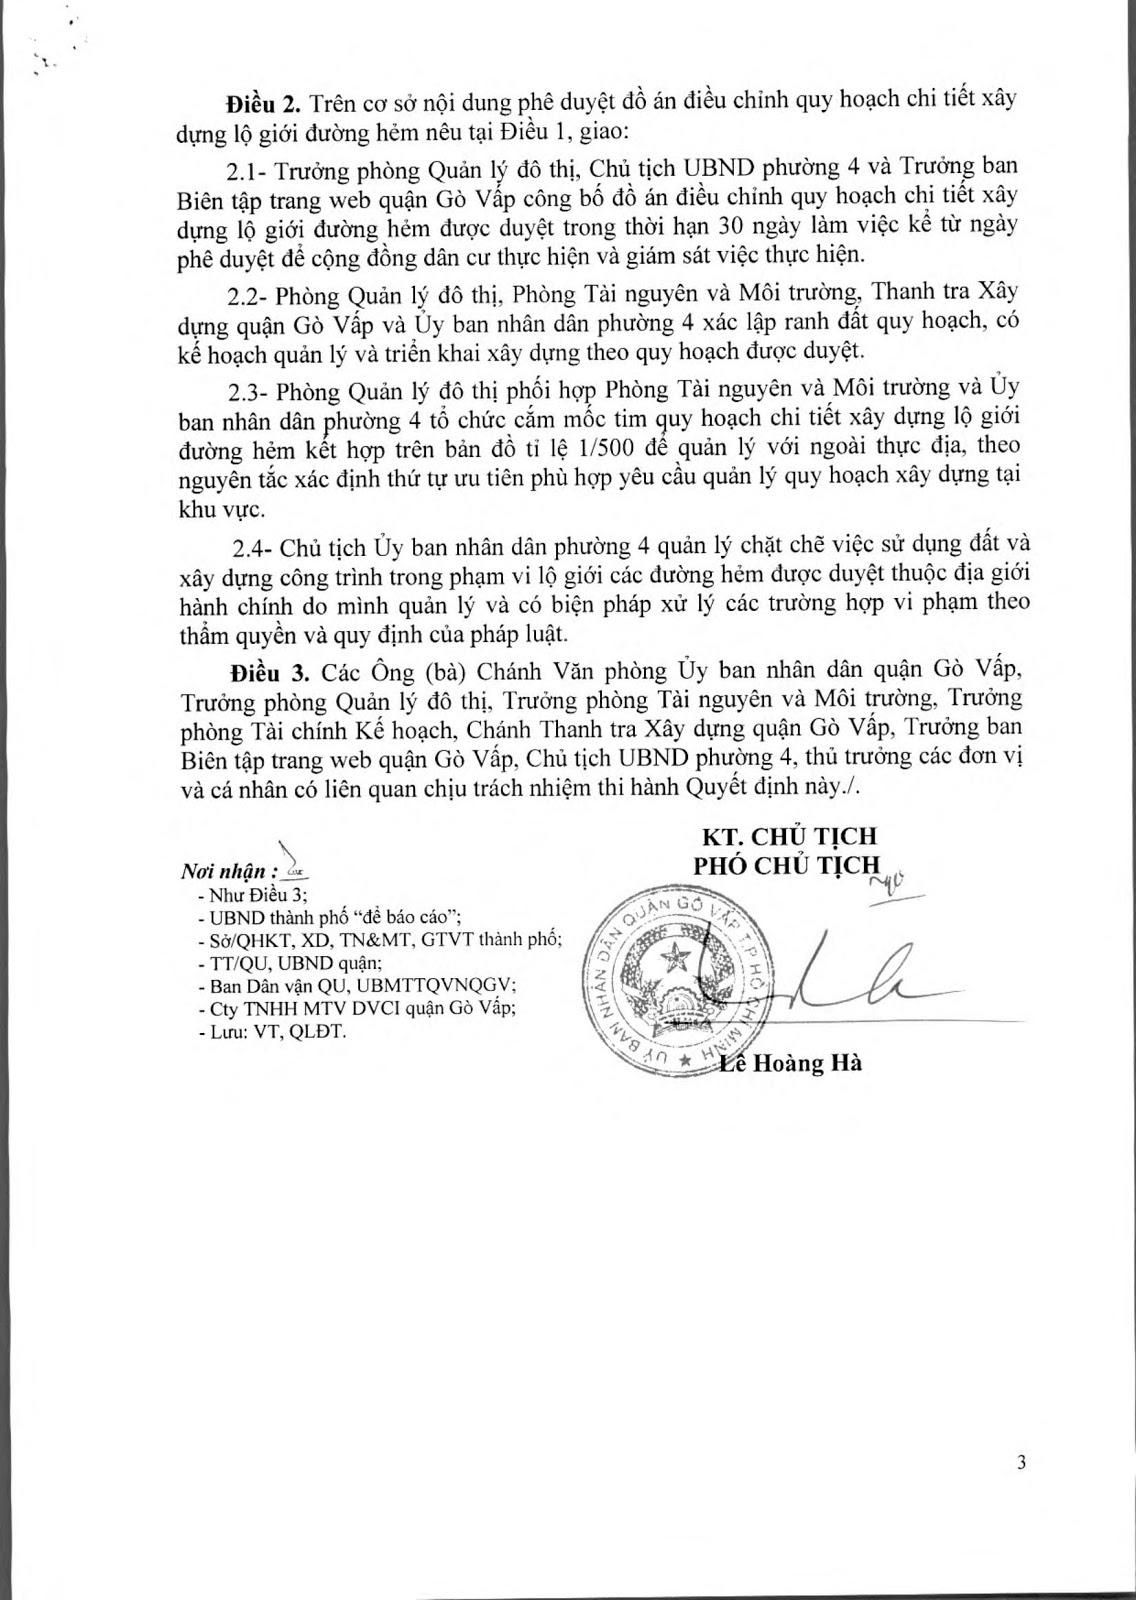 Quyết Định Số 5774/QĐ-UBND Đề Án Lộ Giới Đường Hẻm Tỉ Lệ 1/500 Phường 4 Quận Gò Vấp Tờ 3